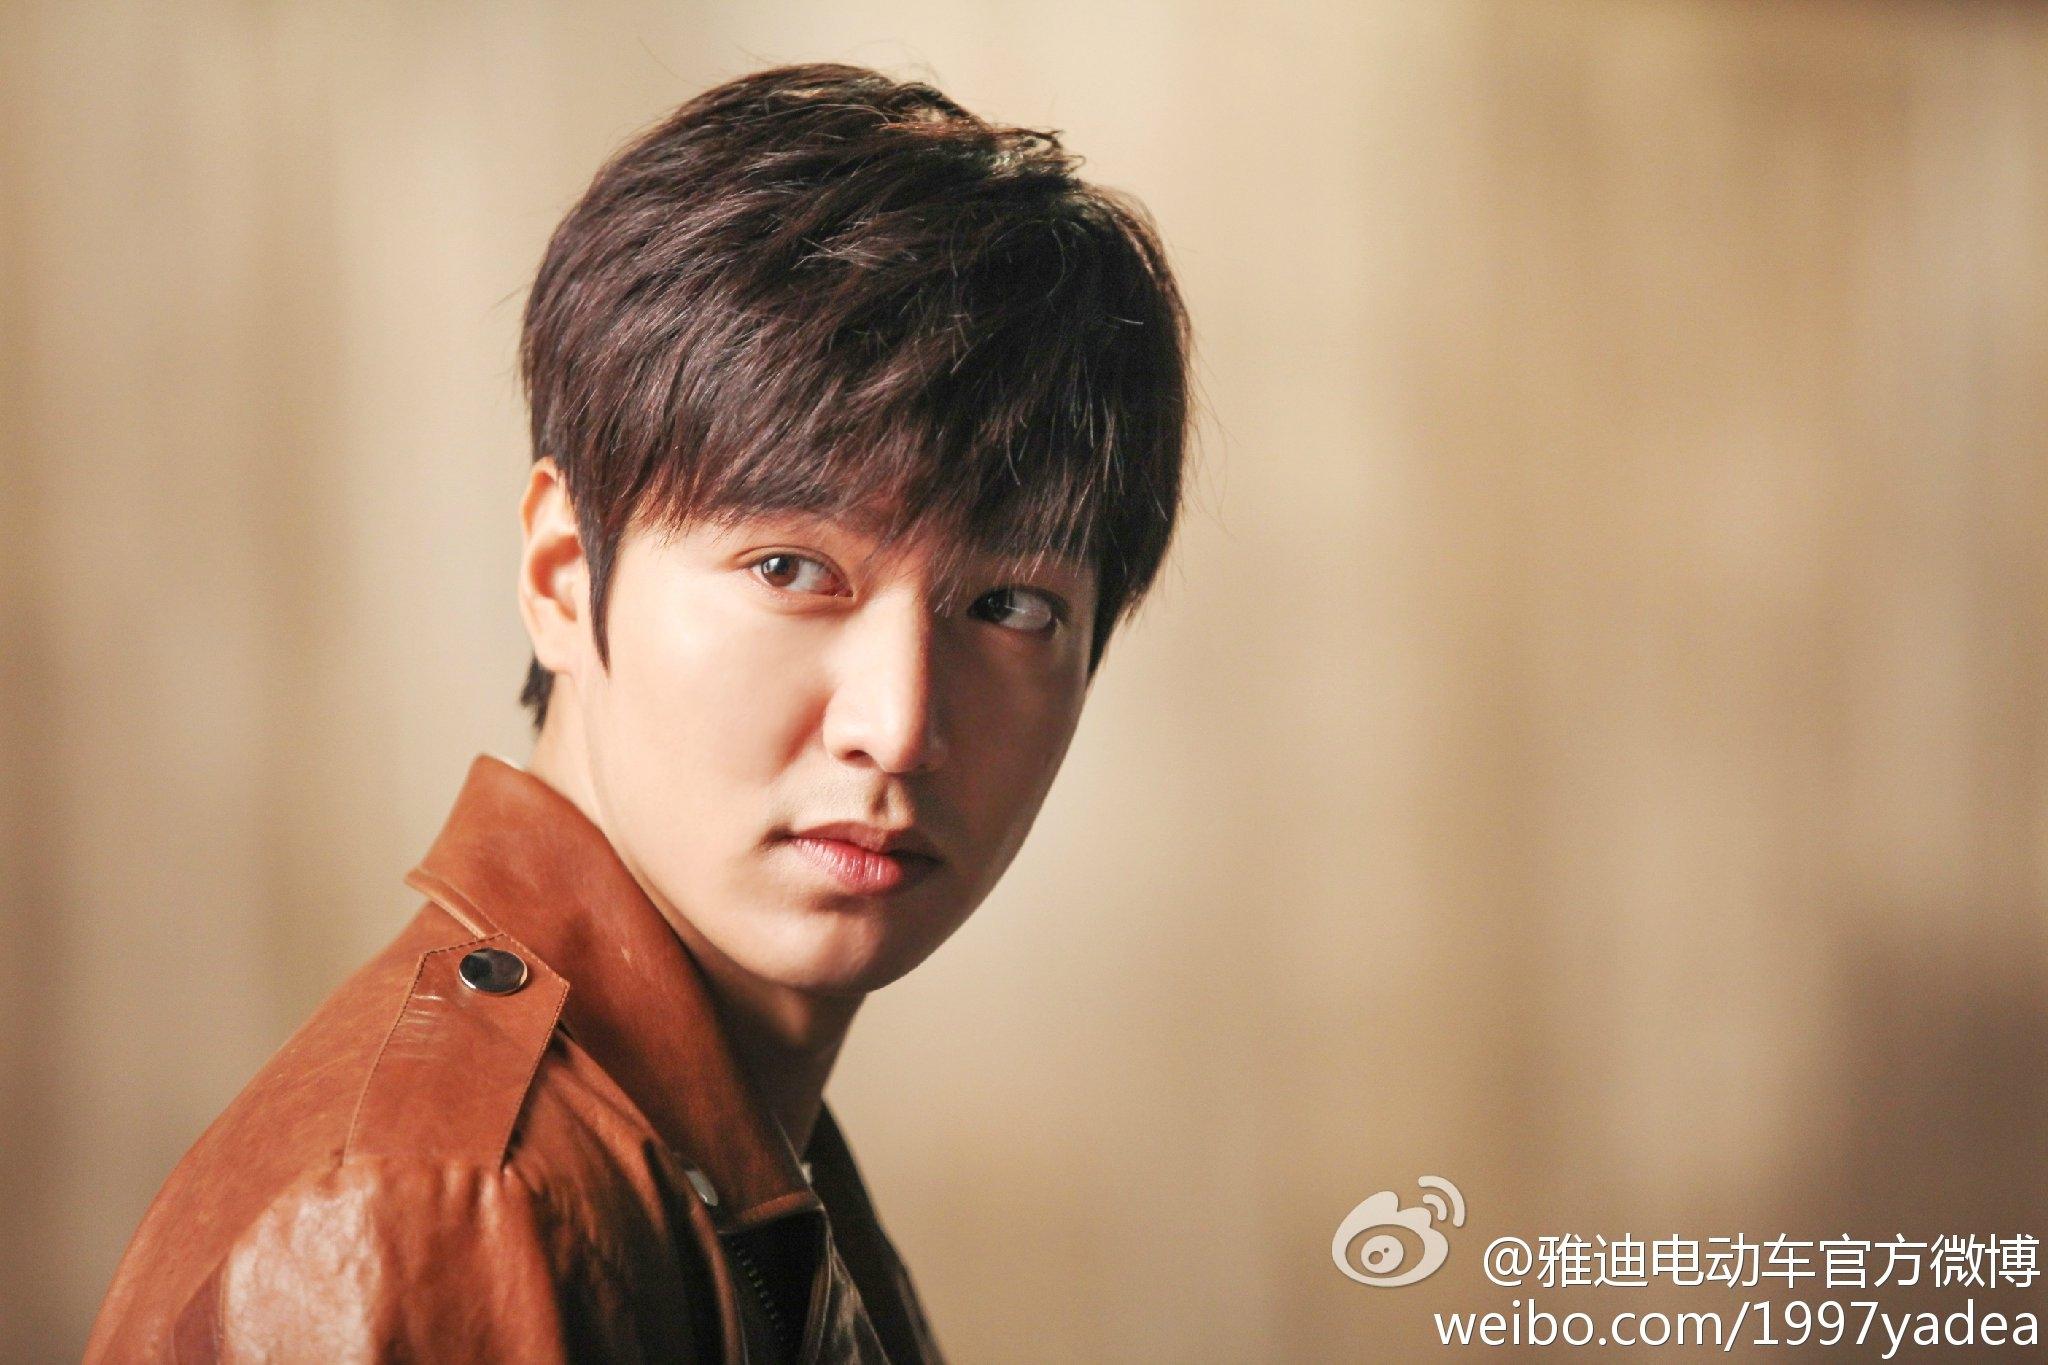 Fan mê mẩn với hình ảnh cực bảnh của Lee Min Ho trong quảng cáo mới